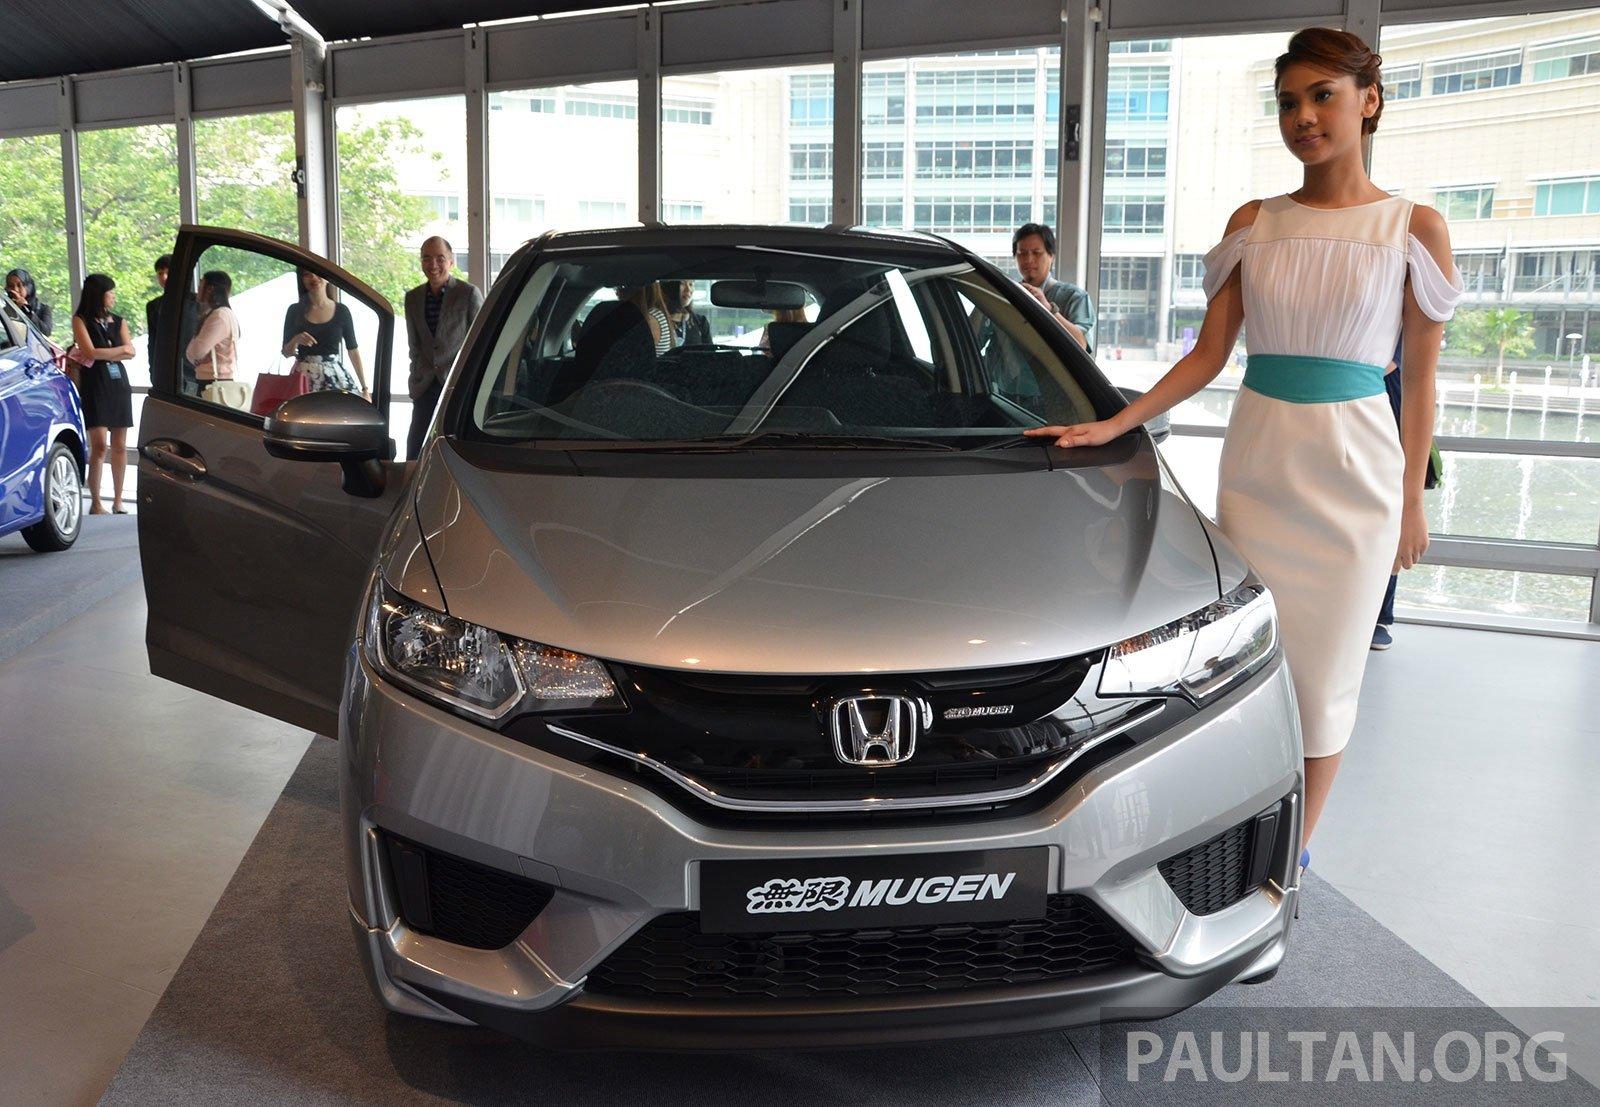 2014 Honda Jazz Modulo And